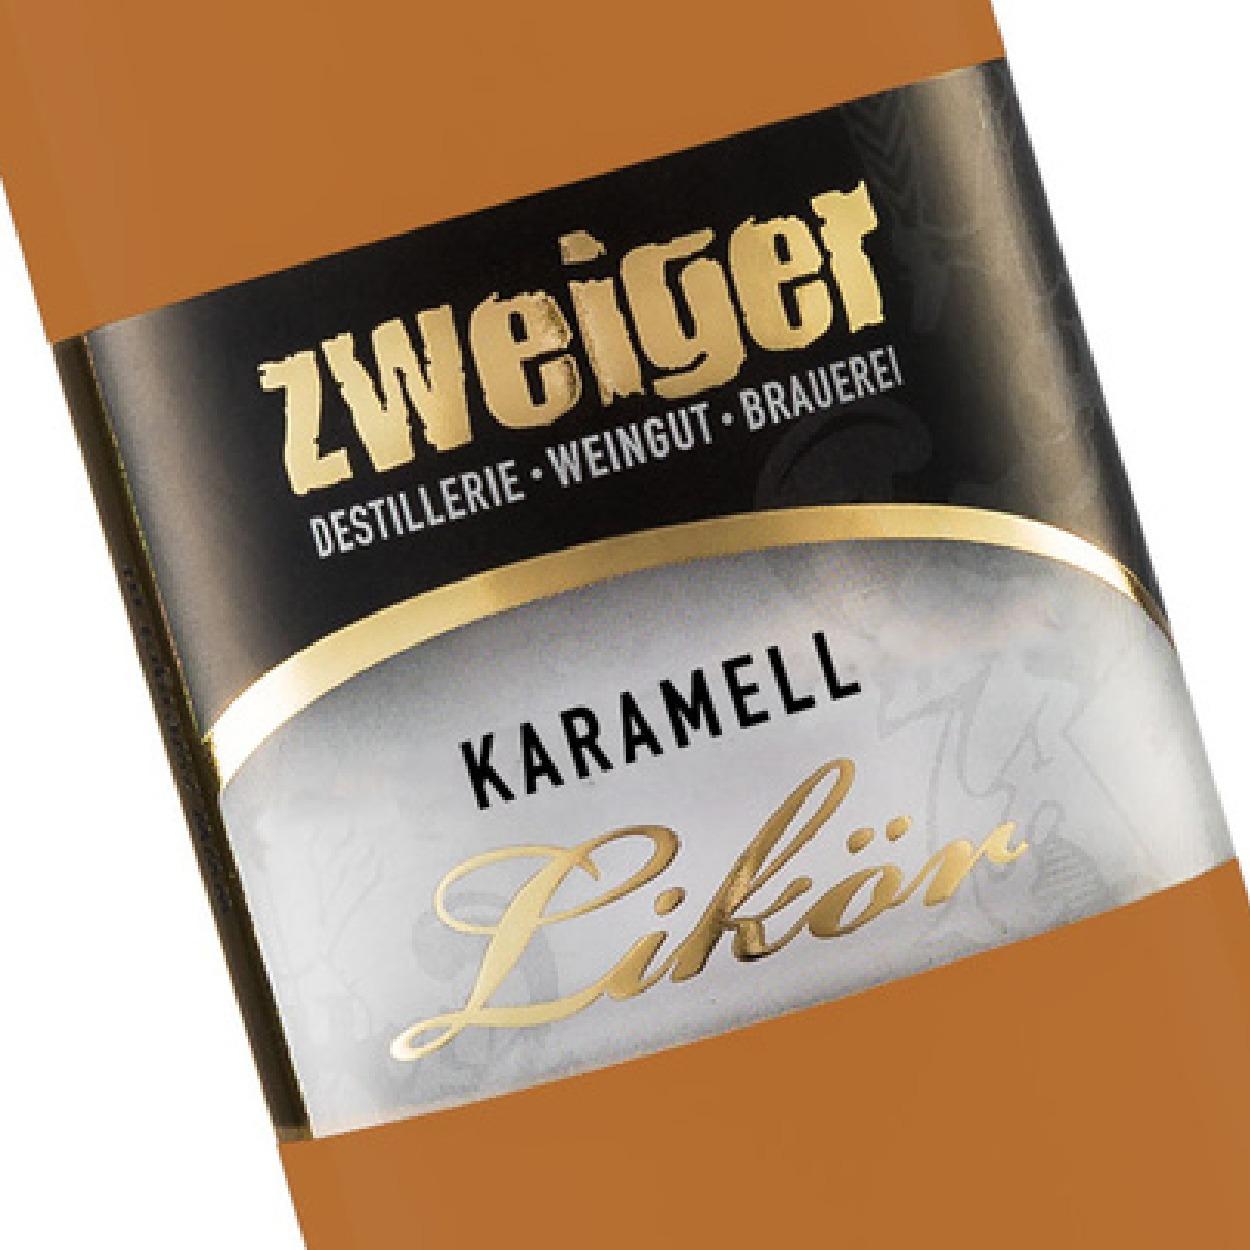 Karamell Cremelikör Zweiger Destillerie